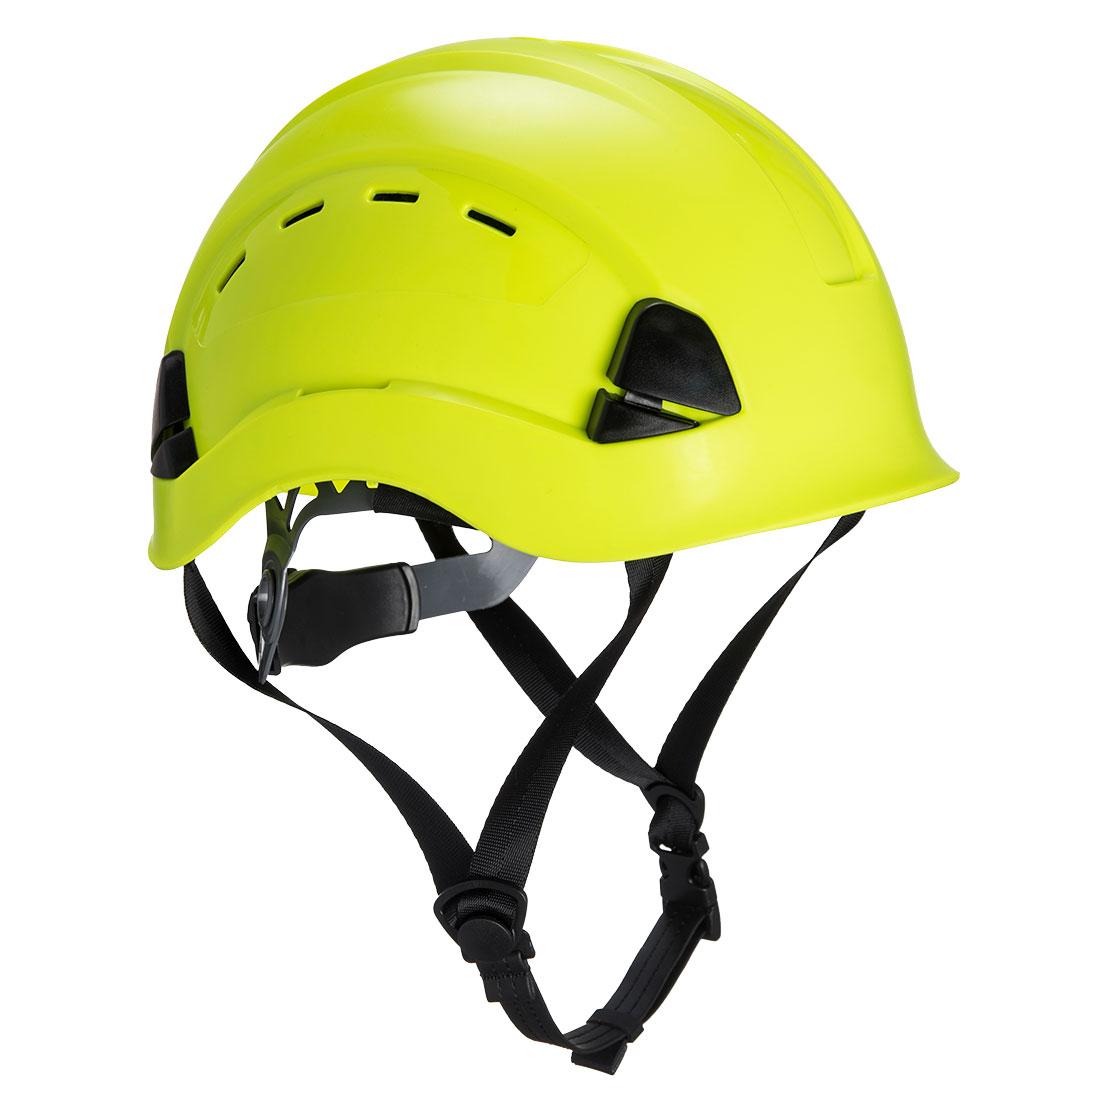 Endurance Mountaineer Helmet Yellow